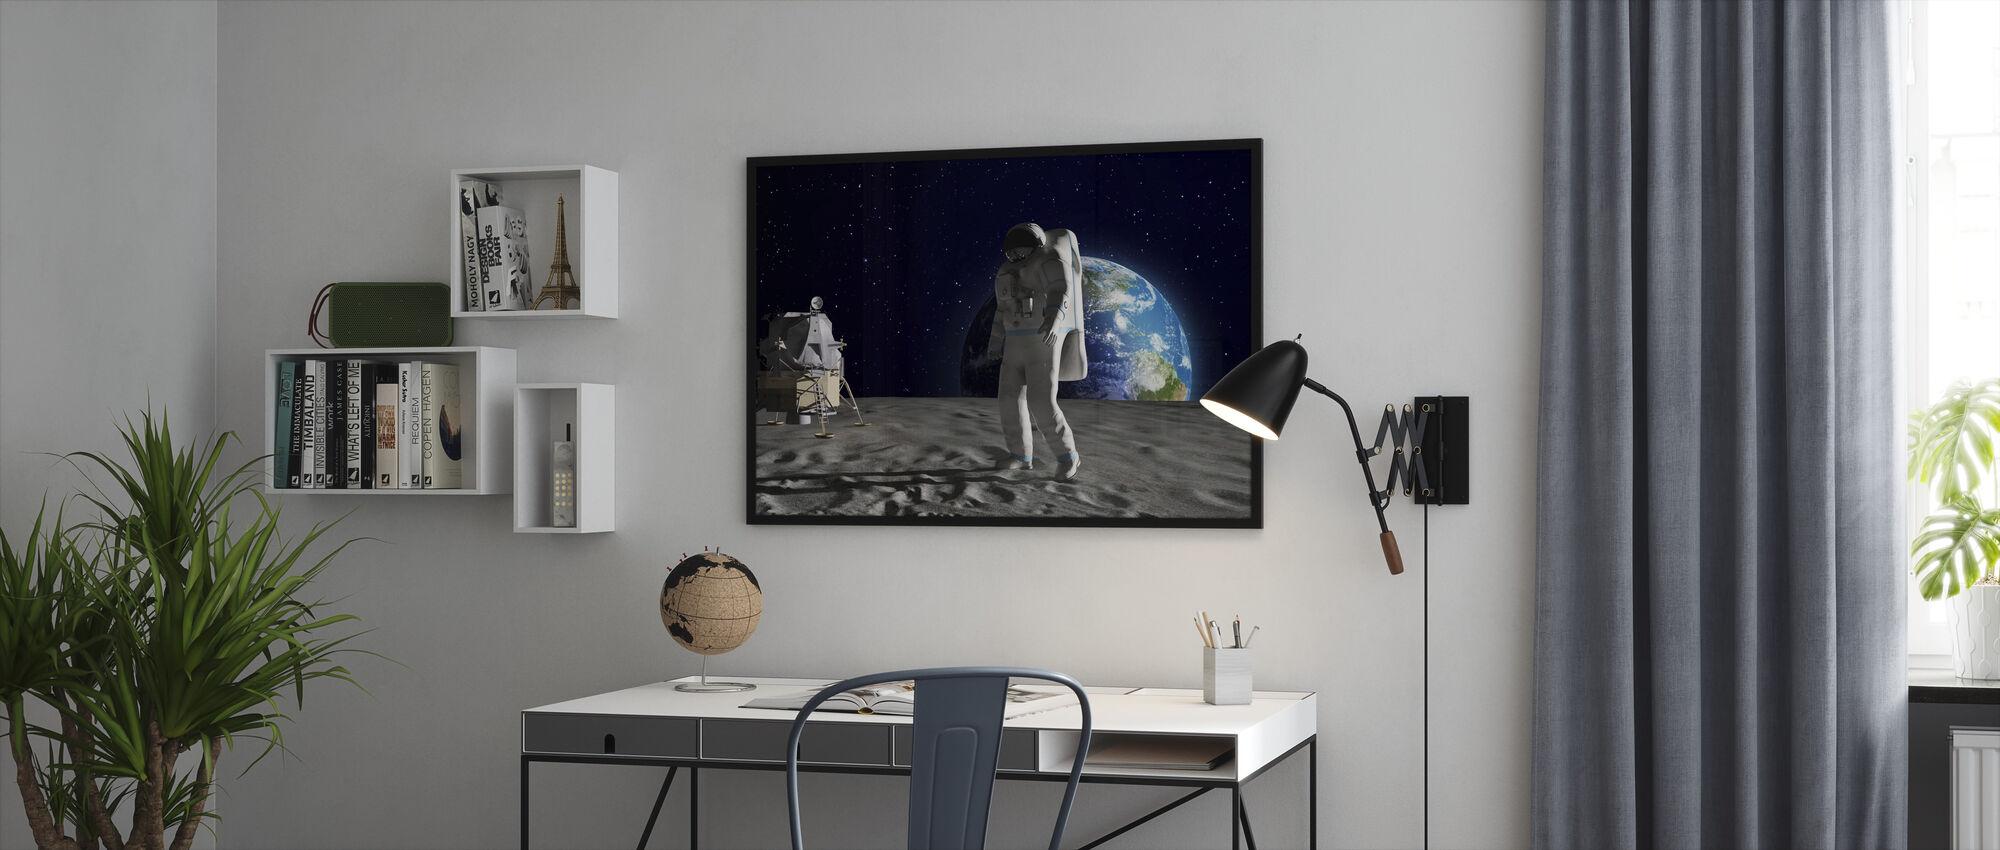 Astronaut on the Moon - Framed print - Office